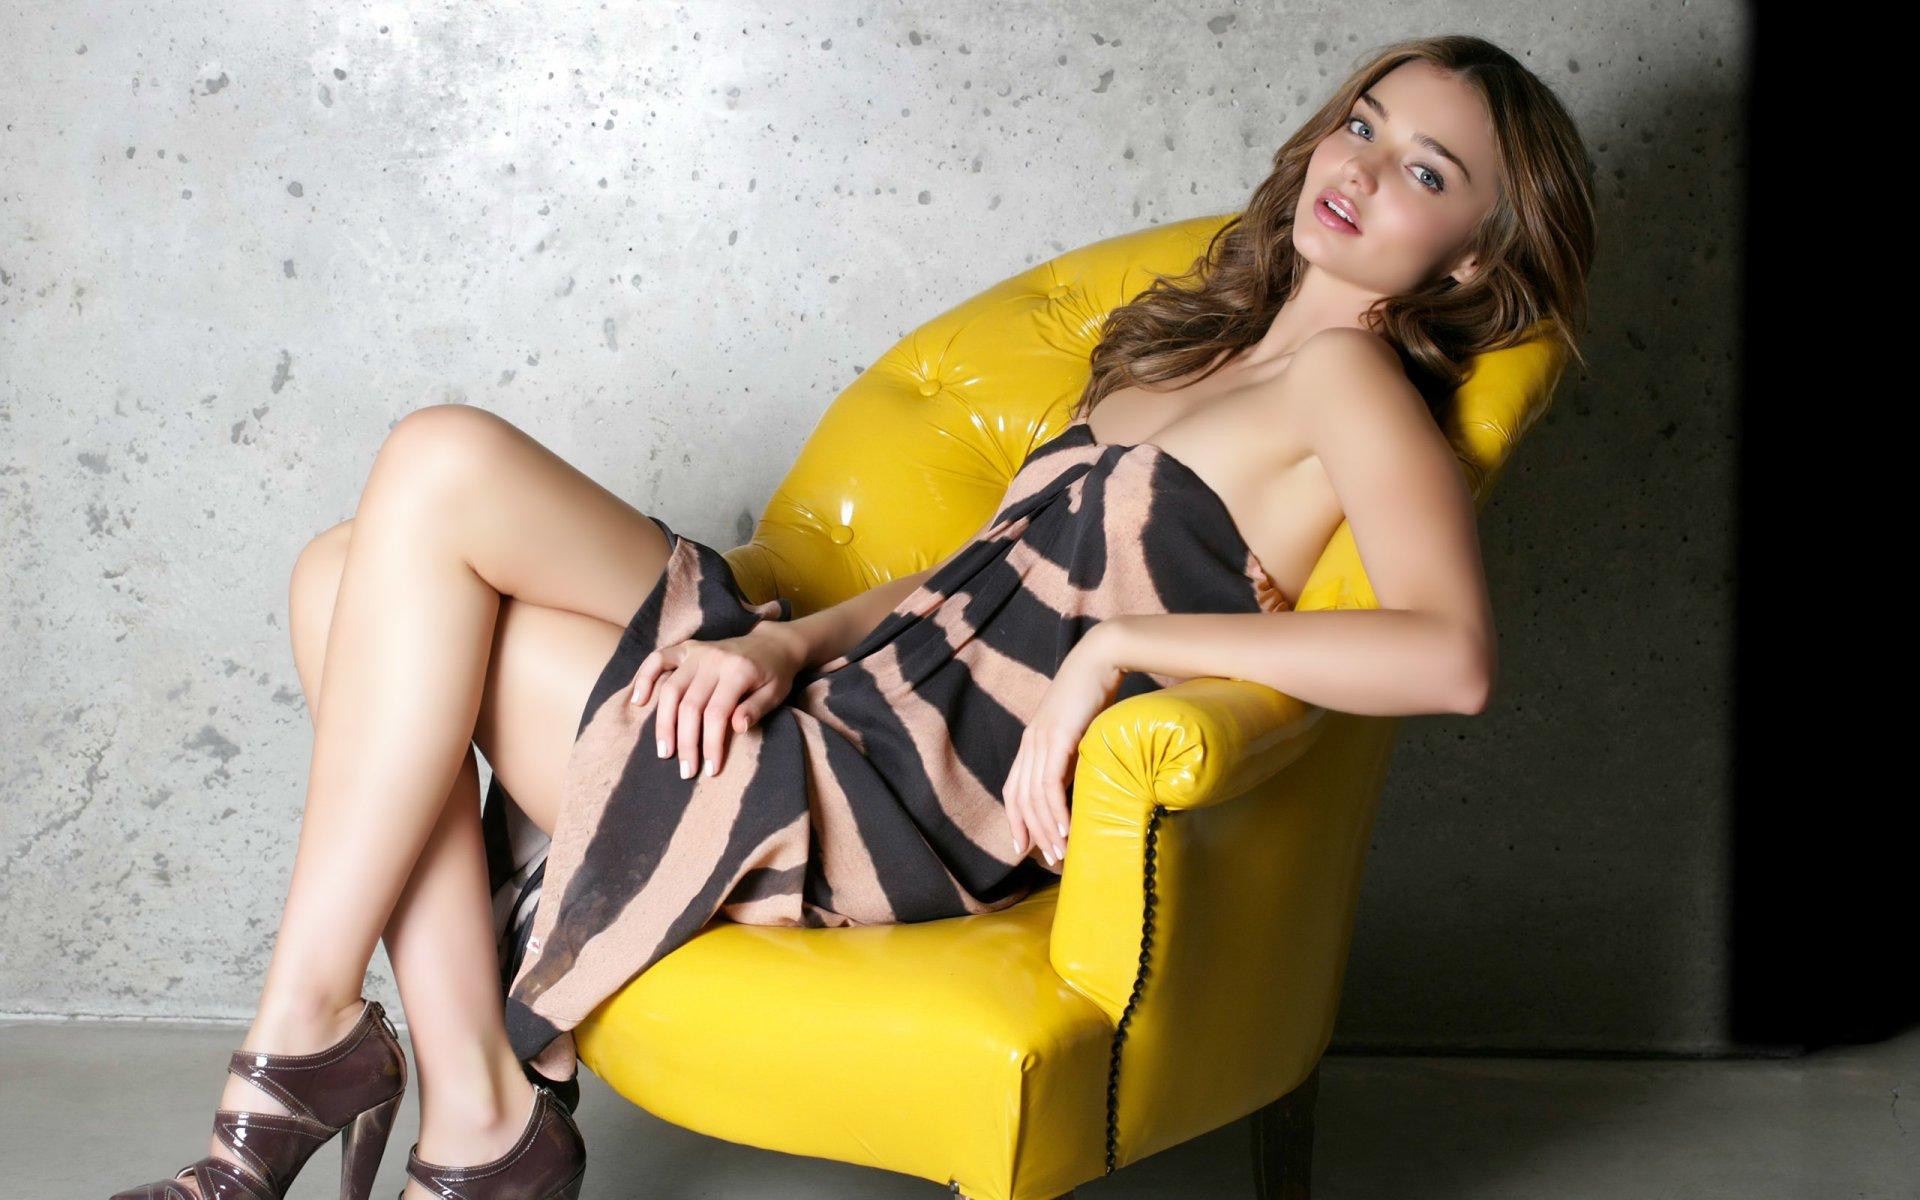 Celebrity - Miranda Kerr  Beautiful People Model Wallpaper